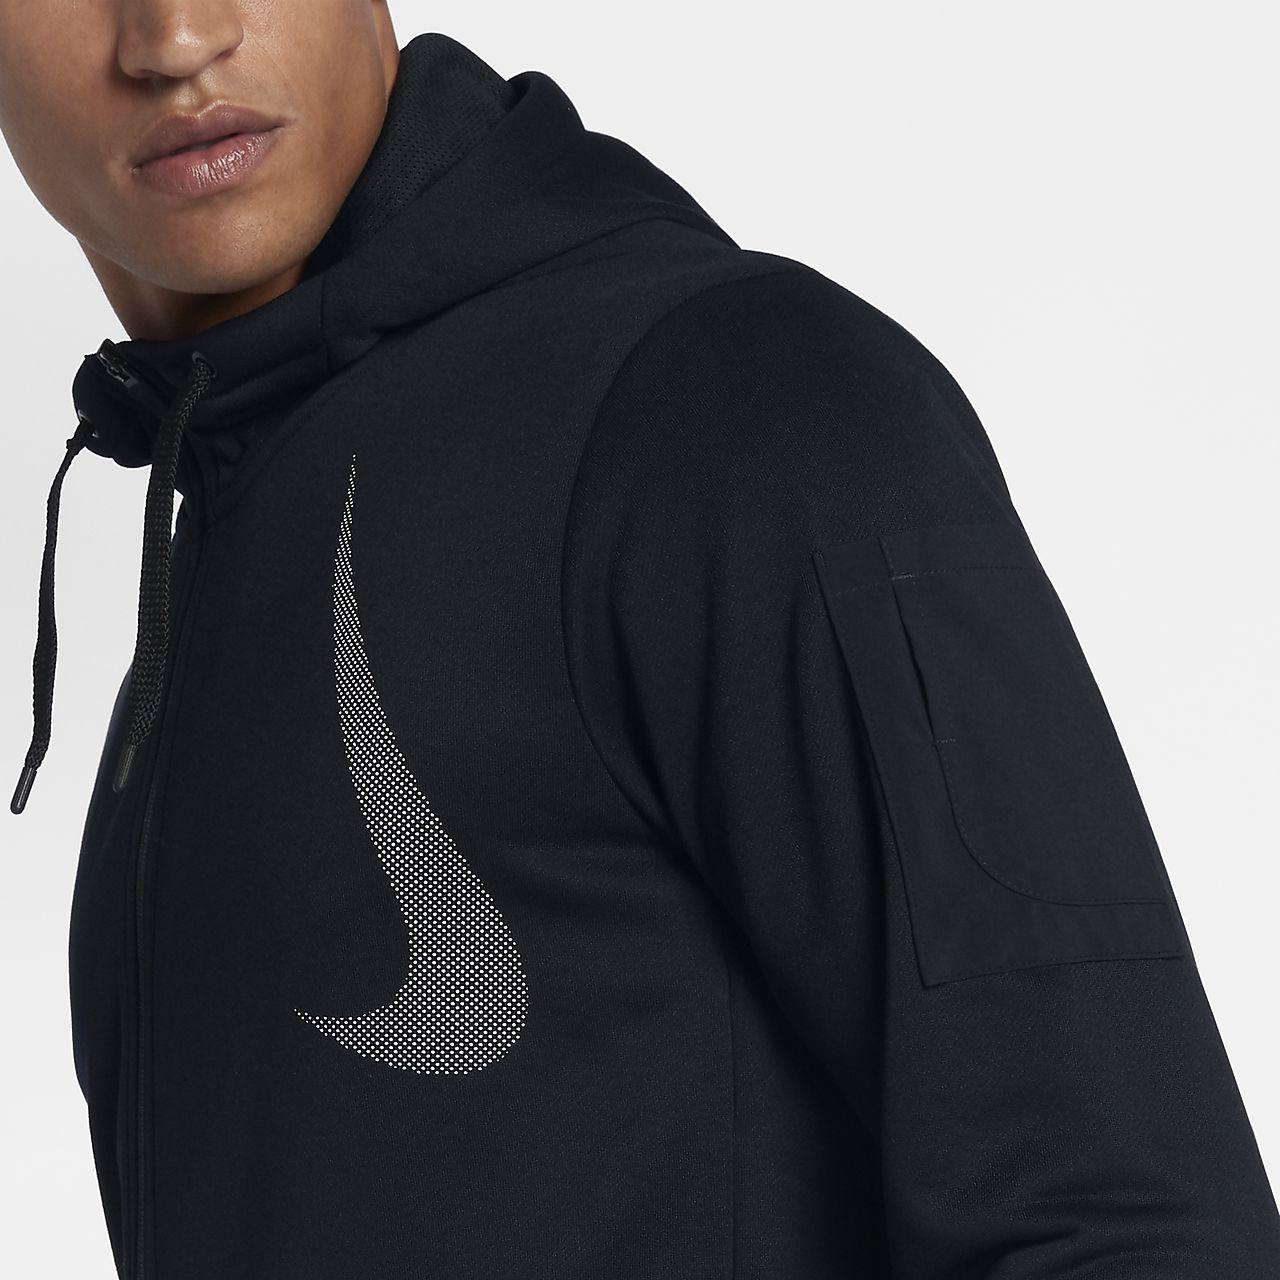 dfbf1210d330 Buy nike dri fit hoodie sweatshirt   Up to 45% Discounts